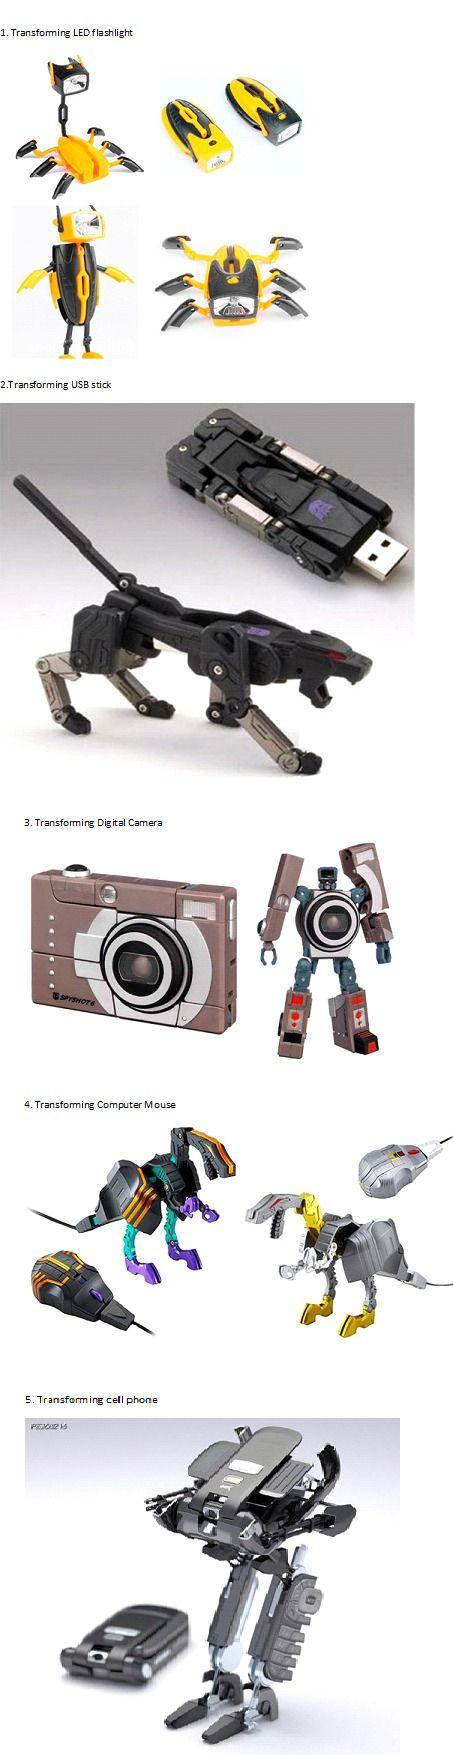 Convierte todos tus objetos tecnológicos en un Transformer.